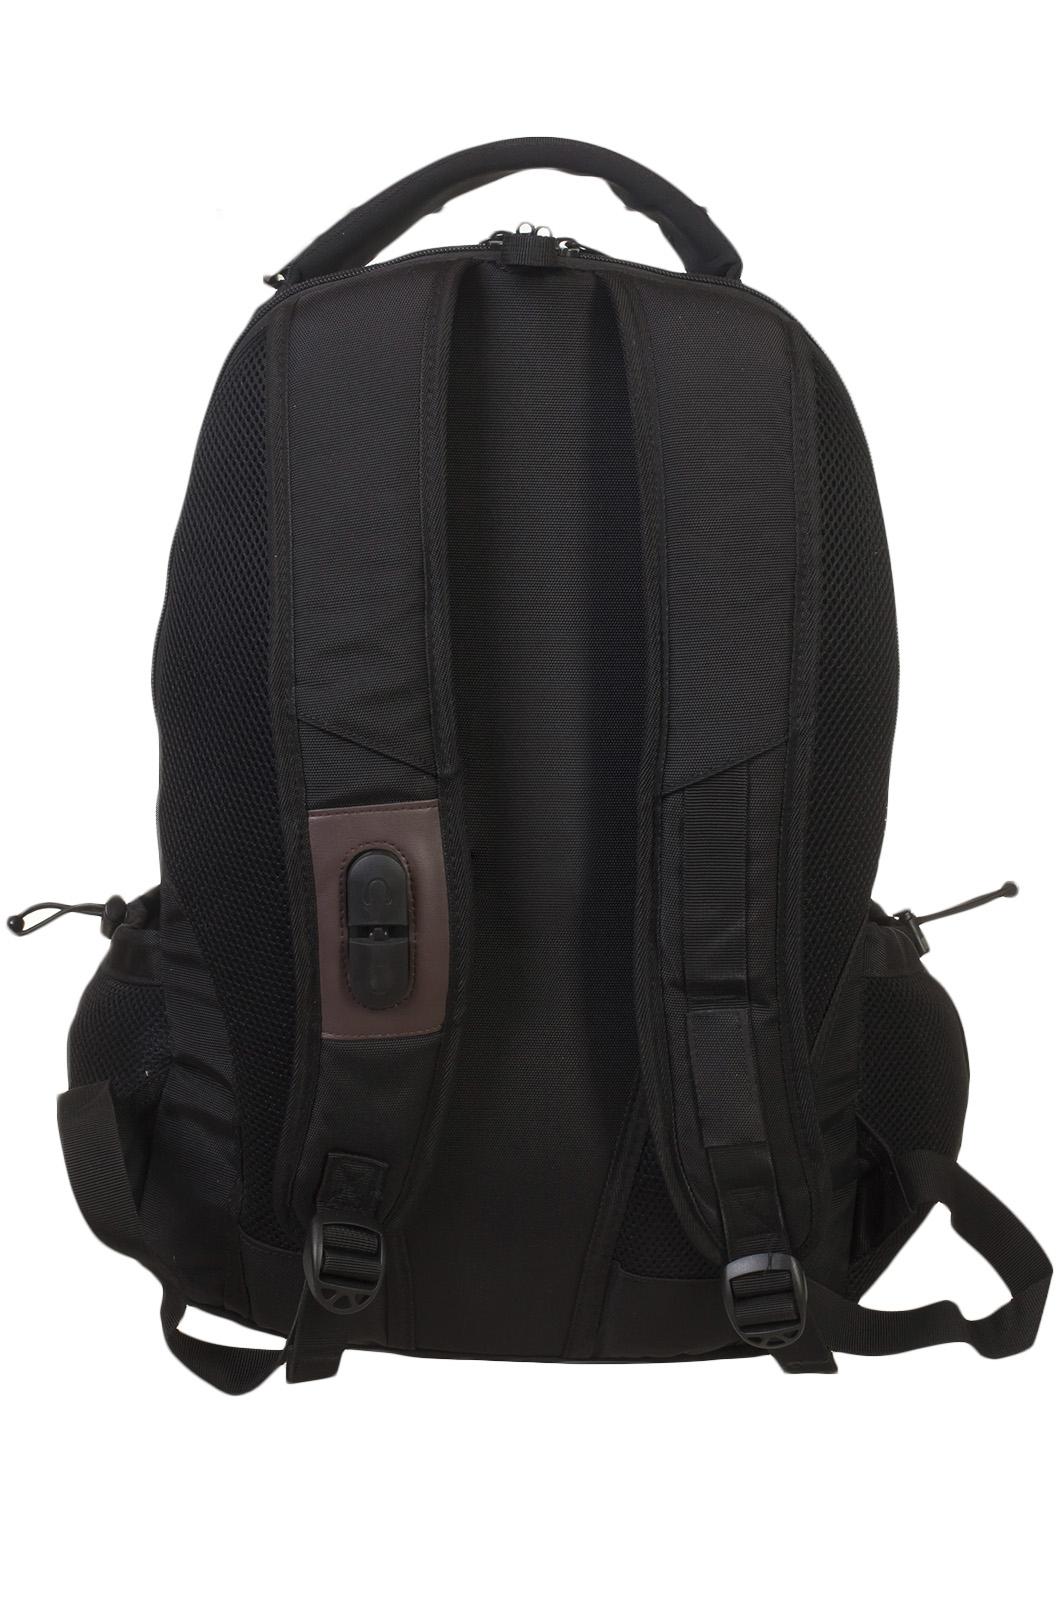 Зачетный внушительный рюкзак с нашивкой ФСО России - купить в розницу